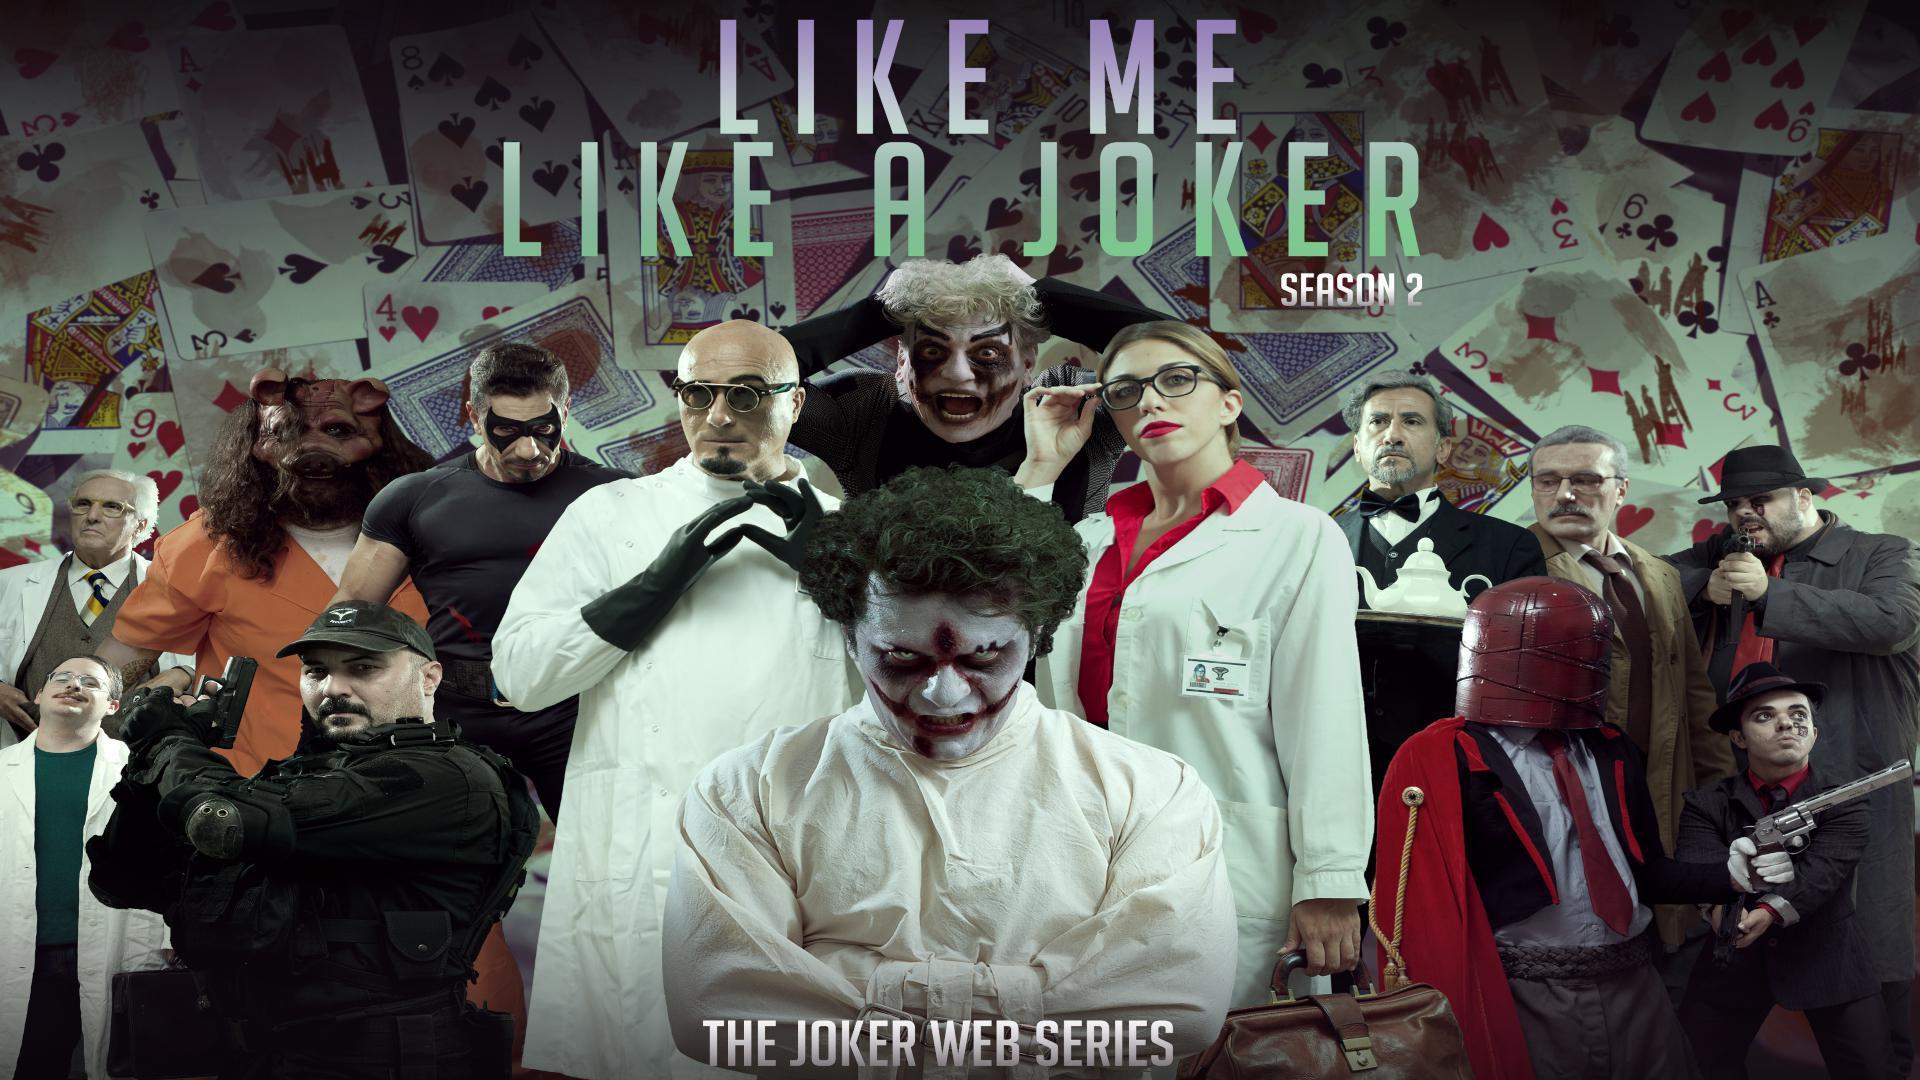 Like Me, Like a Joker